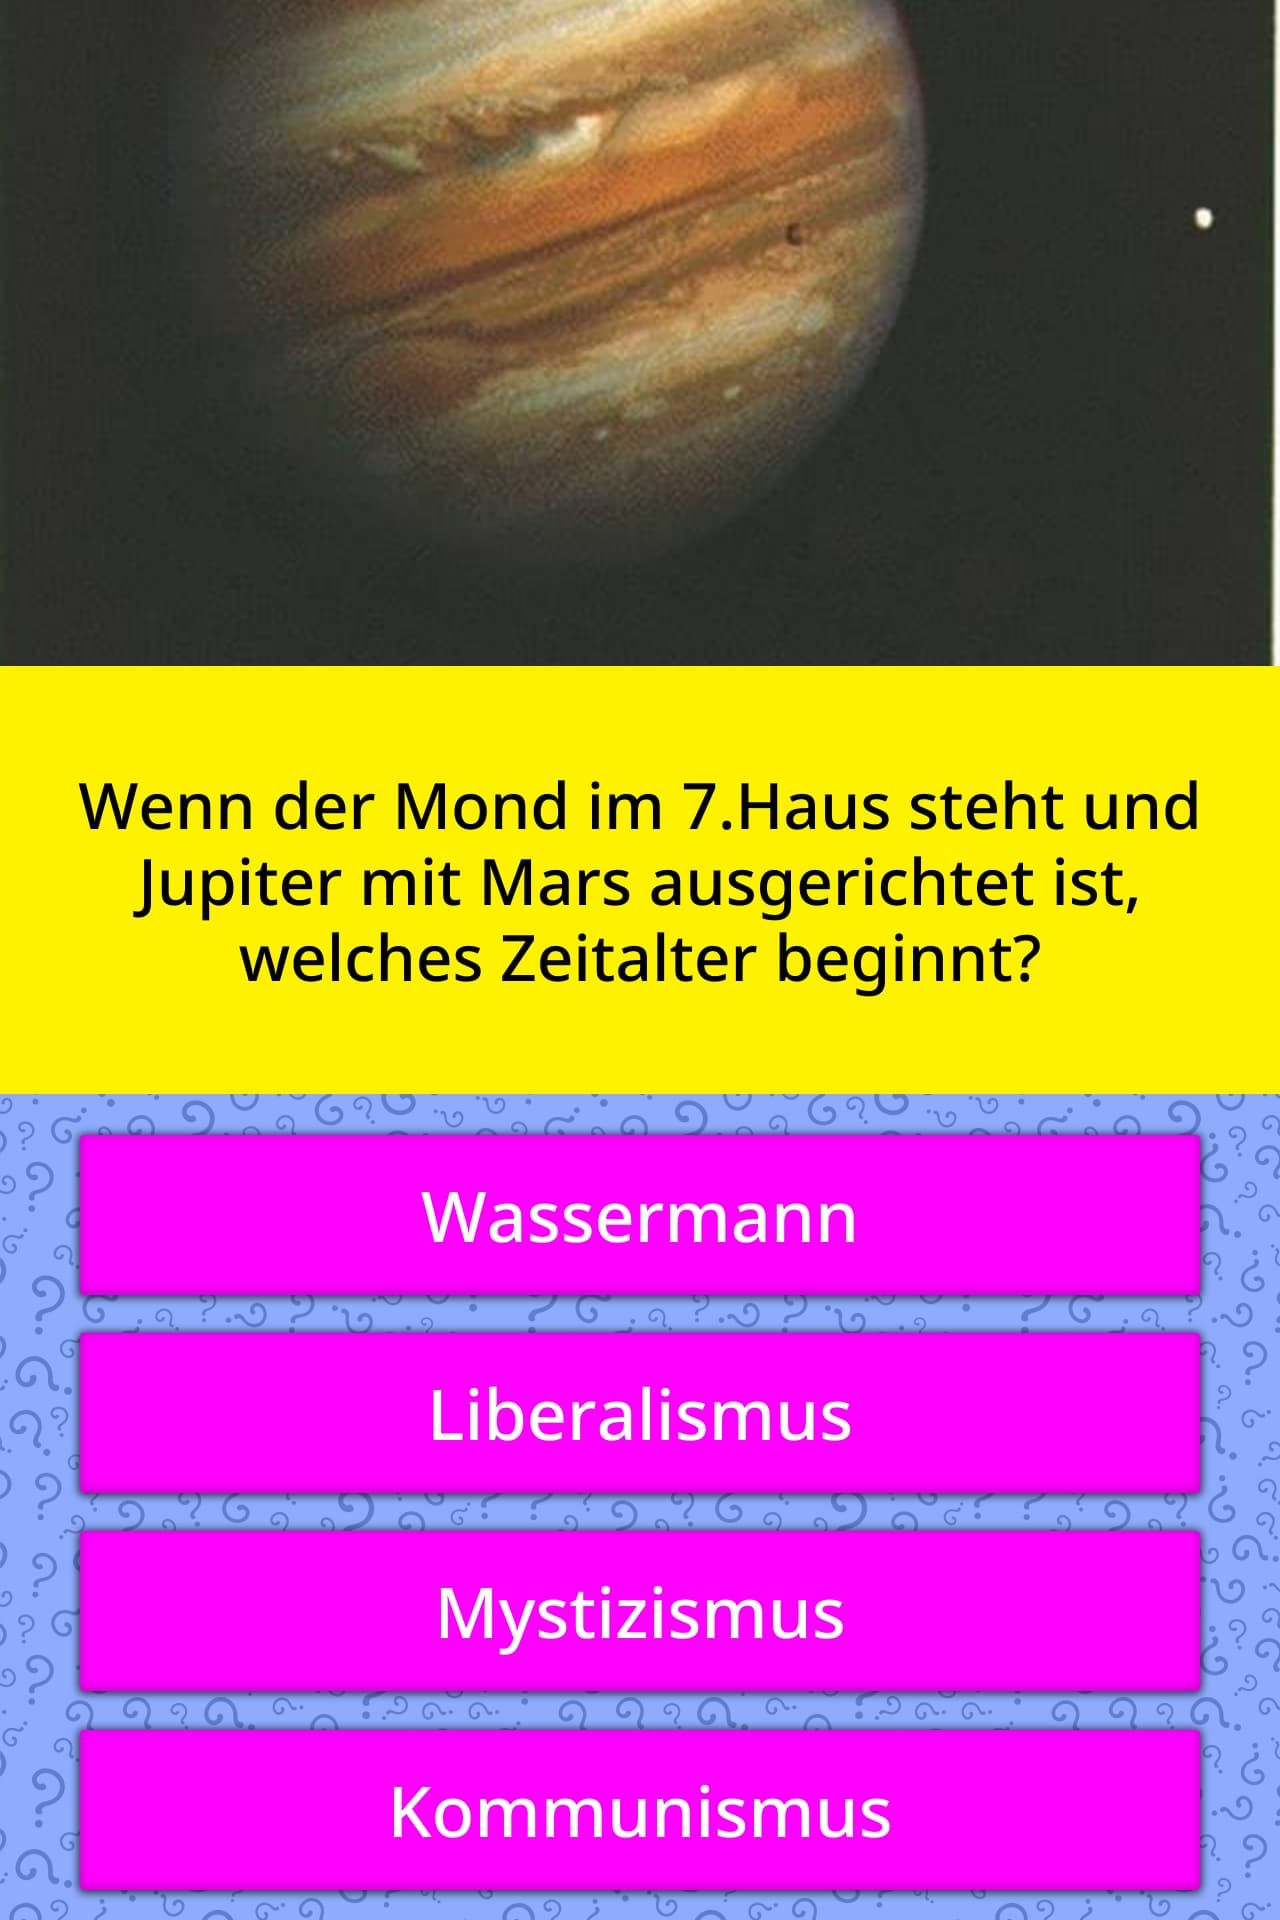 Wenn Der Mond Im 7.haus Steht Und | Quiz-Antworten concernant Quiz Musical En Ligne